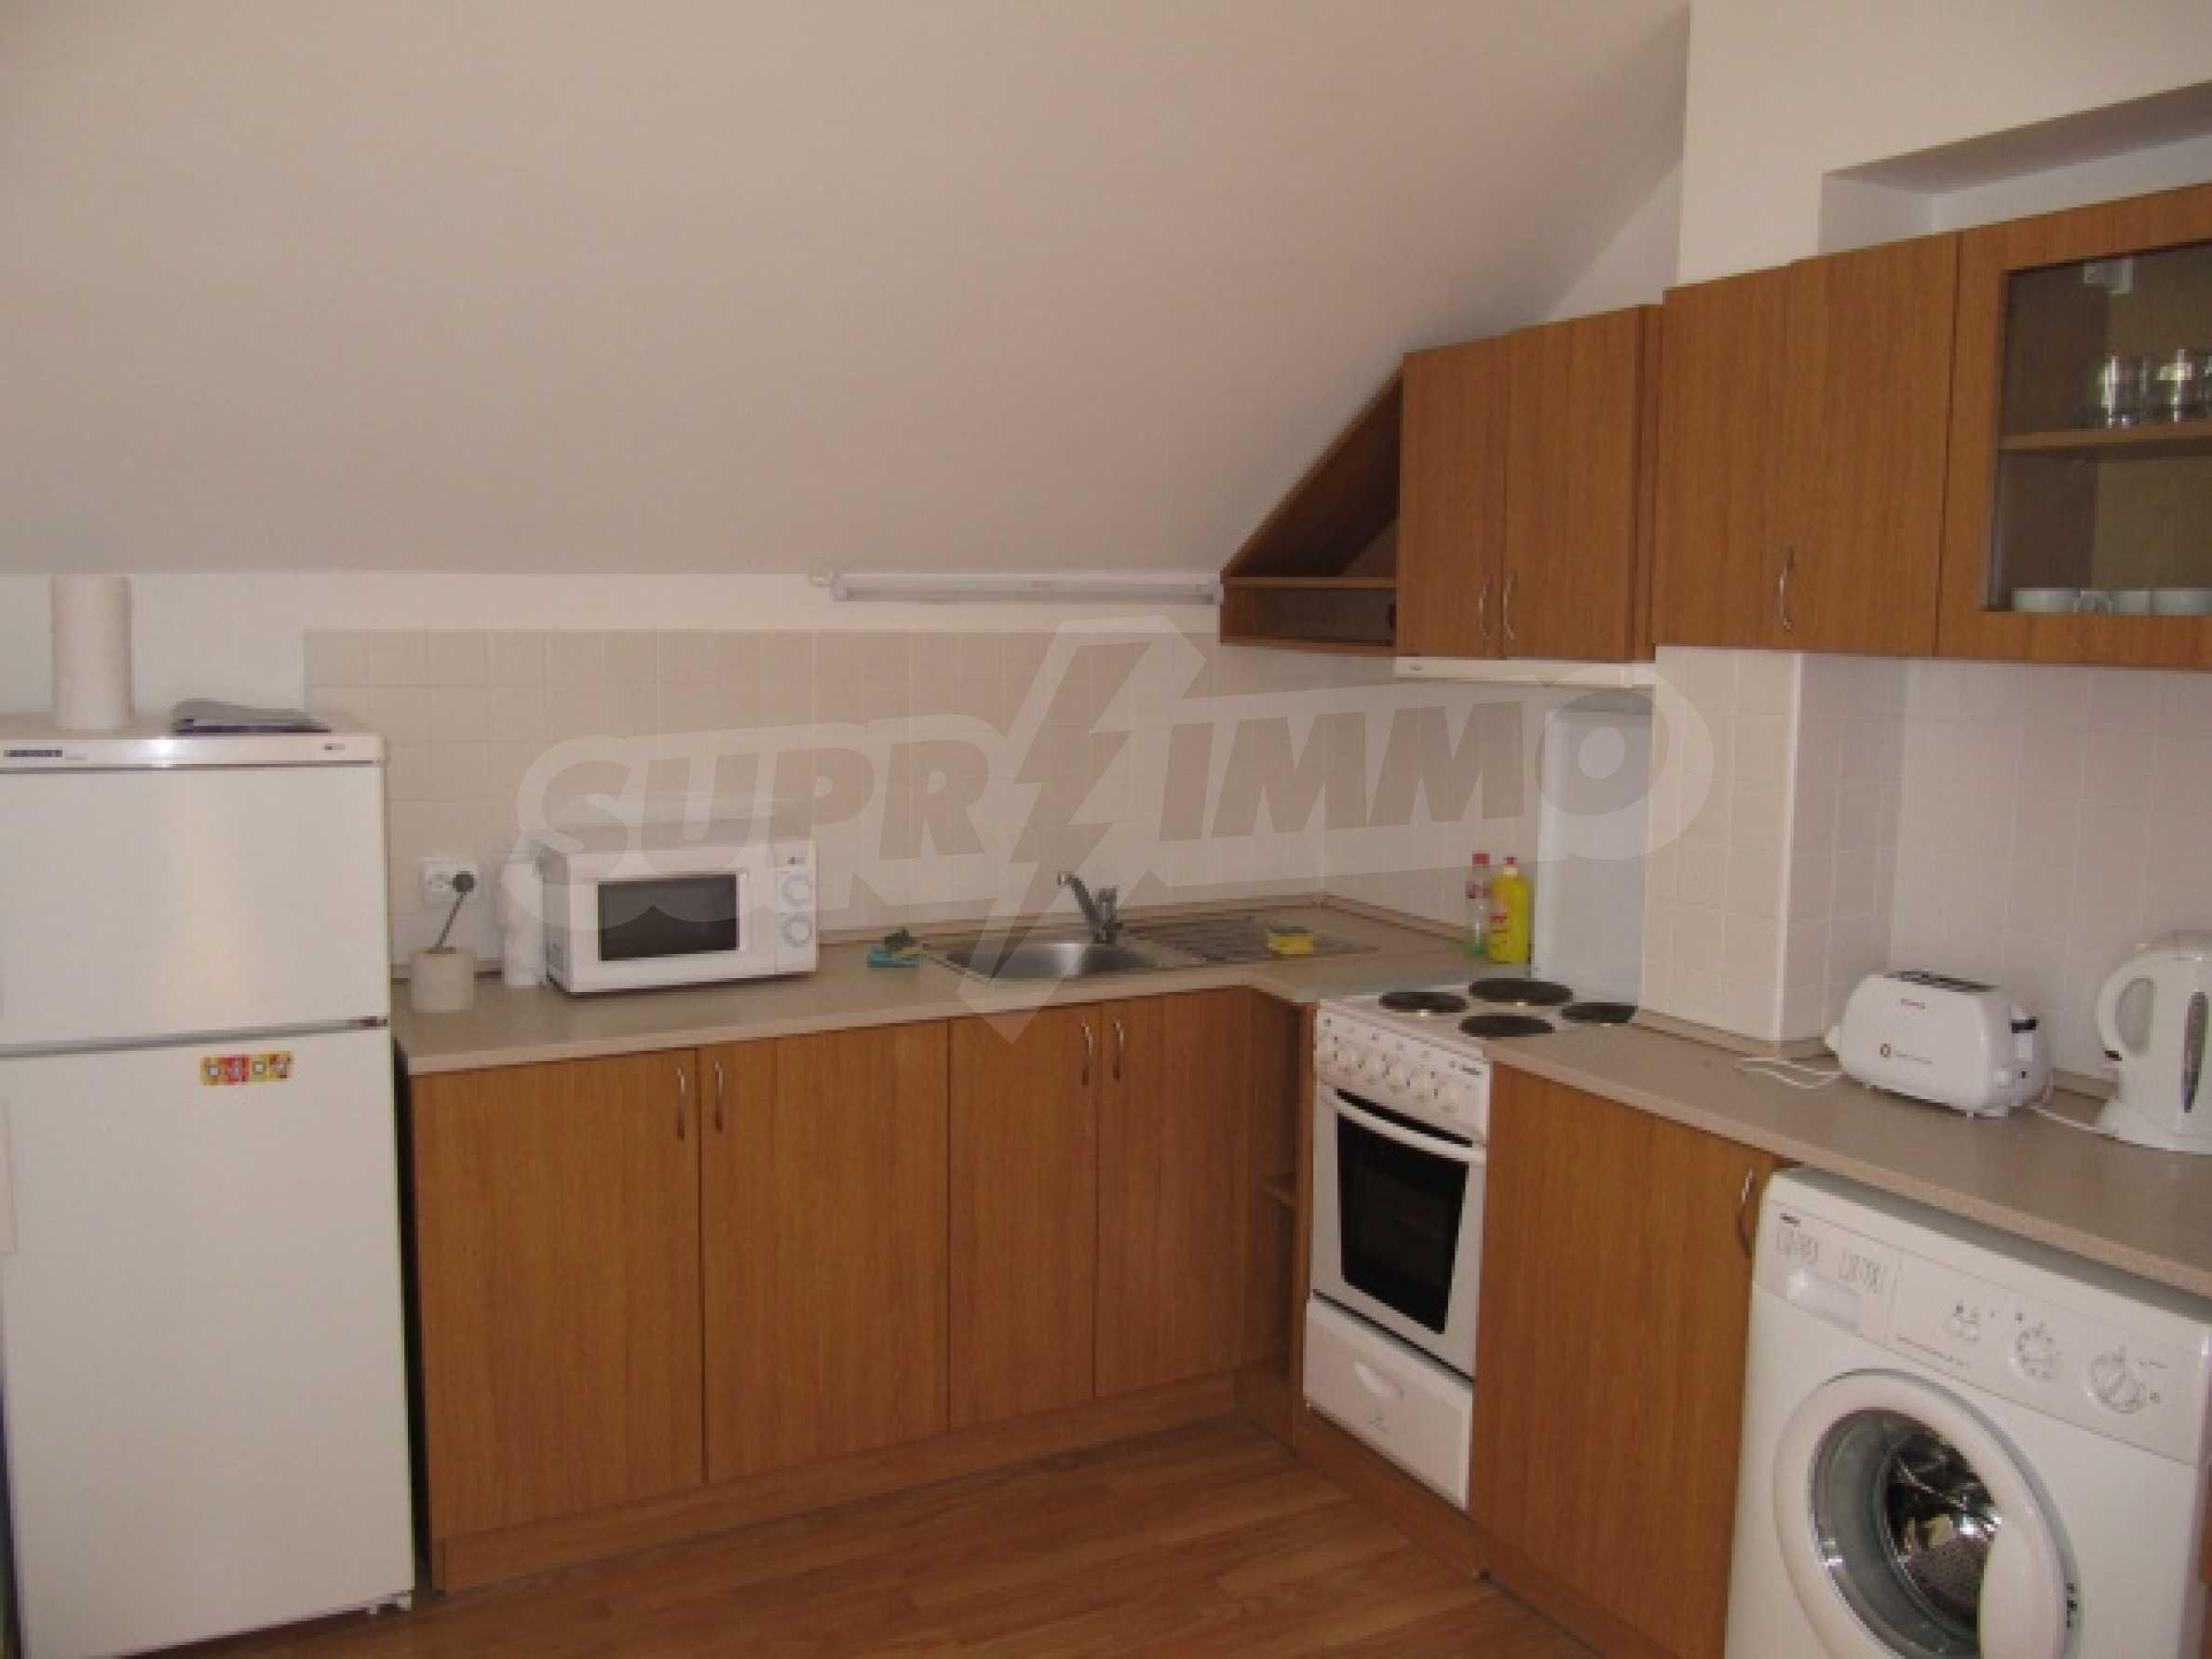 Трехкомнатная квартира на продажу в горнолыжном курорте Пампорово 7